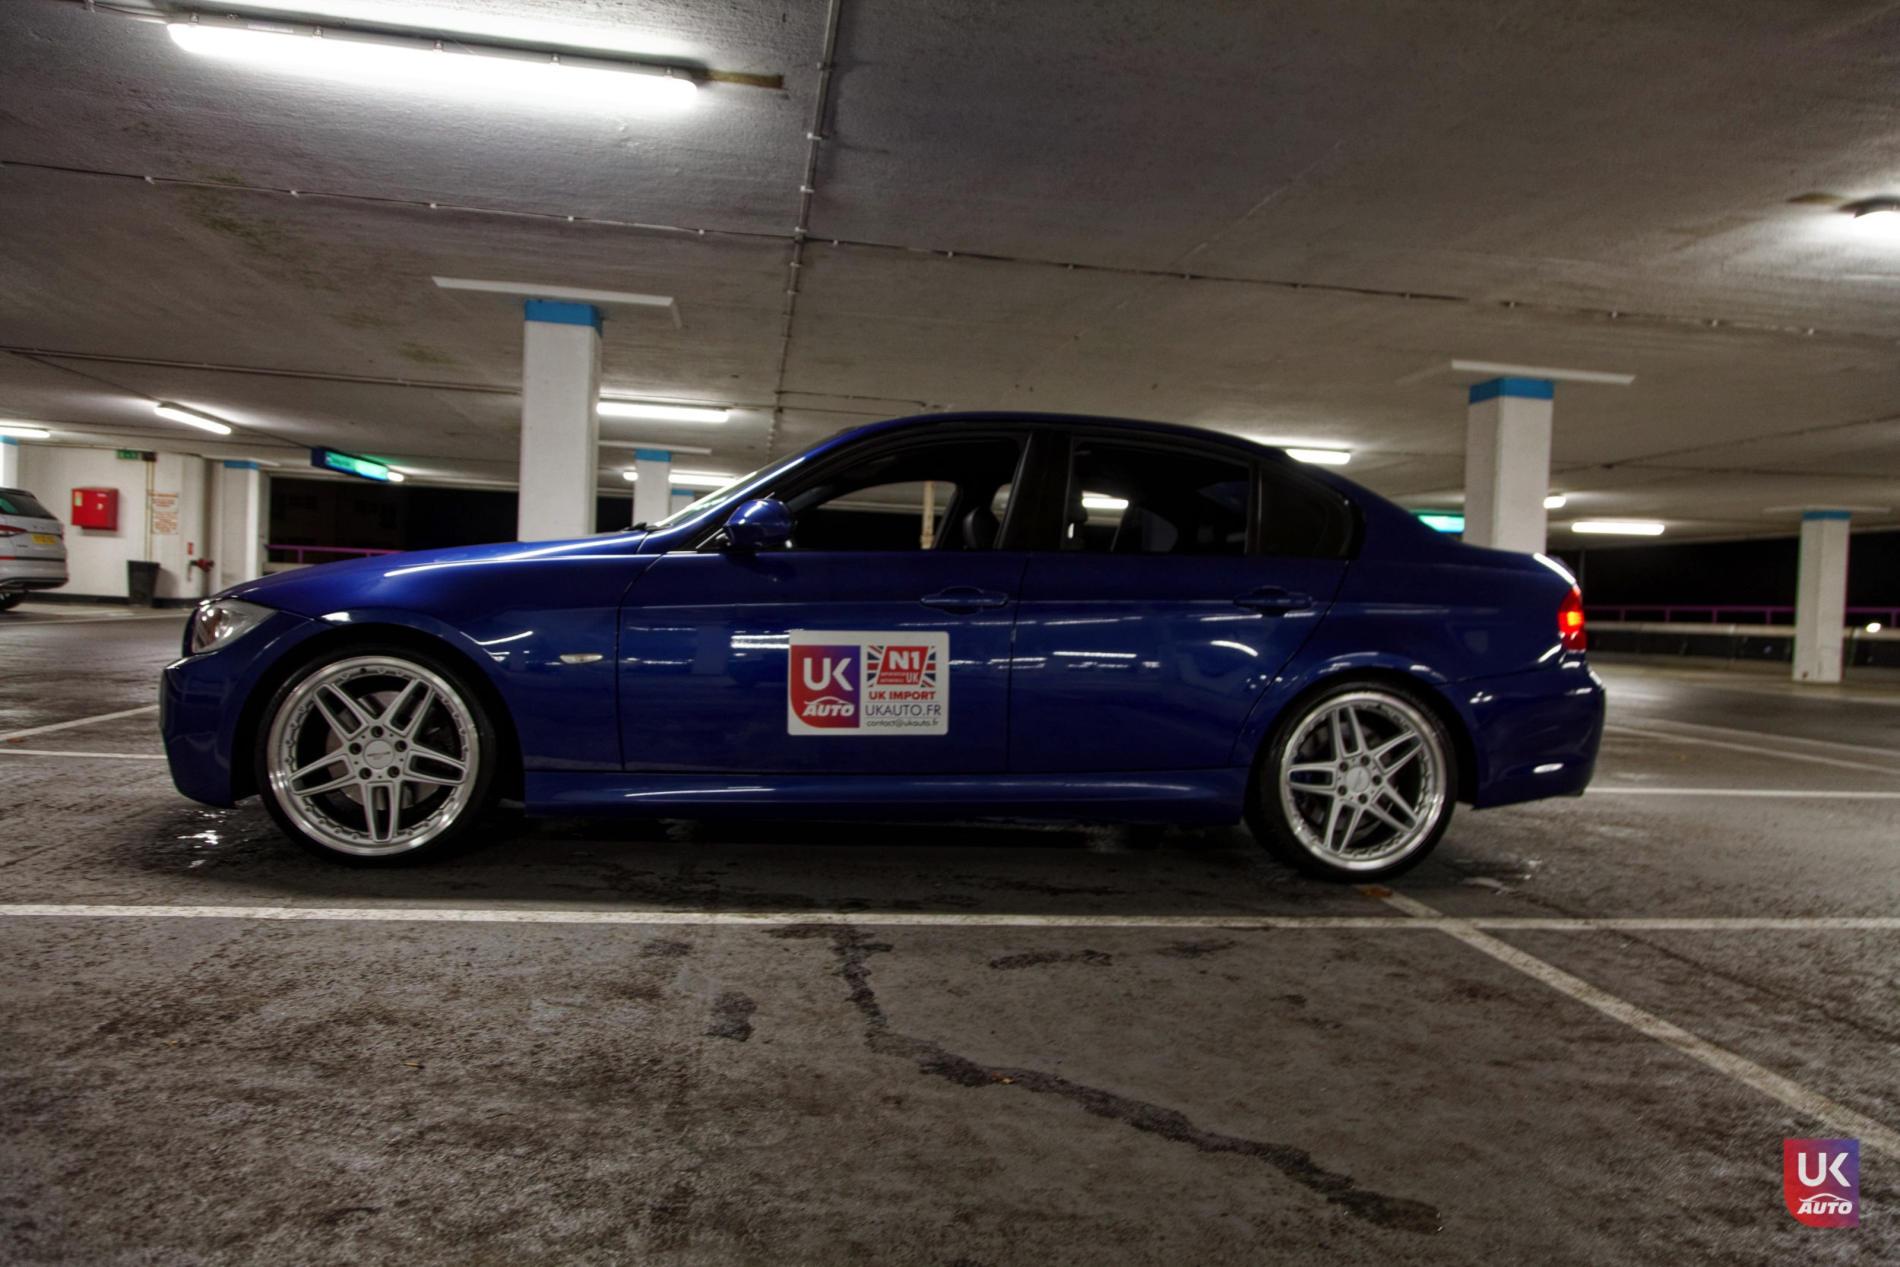 IMPORT BMW 330I LIVRAISON BMW EN FRANCE RHD PAR UKAUTO MANDATAIRE BMW AUTO PAS CHER PAR UKAUTO10 - IMPORT BMW 330I LIVRAISON BMW EN FRANCE RHD PAR UKAUTO MANDATAIRE BMW AUTO PAS CHER PAR UKAUTO